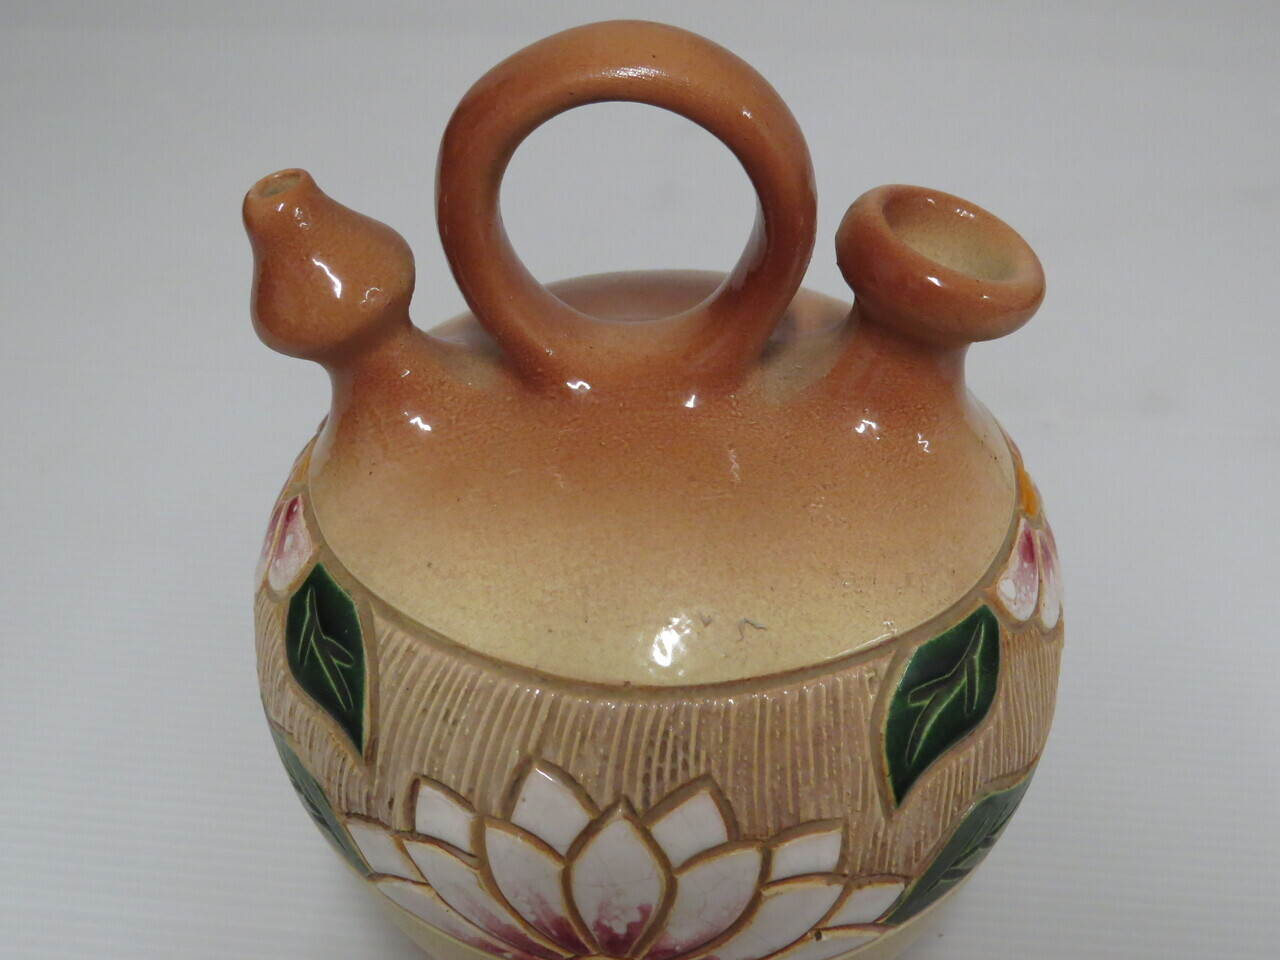 Lote: 1 - Lote: 1 - Jarrón de cerámica